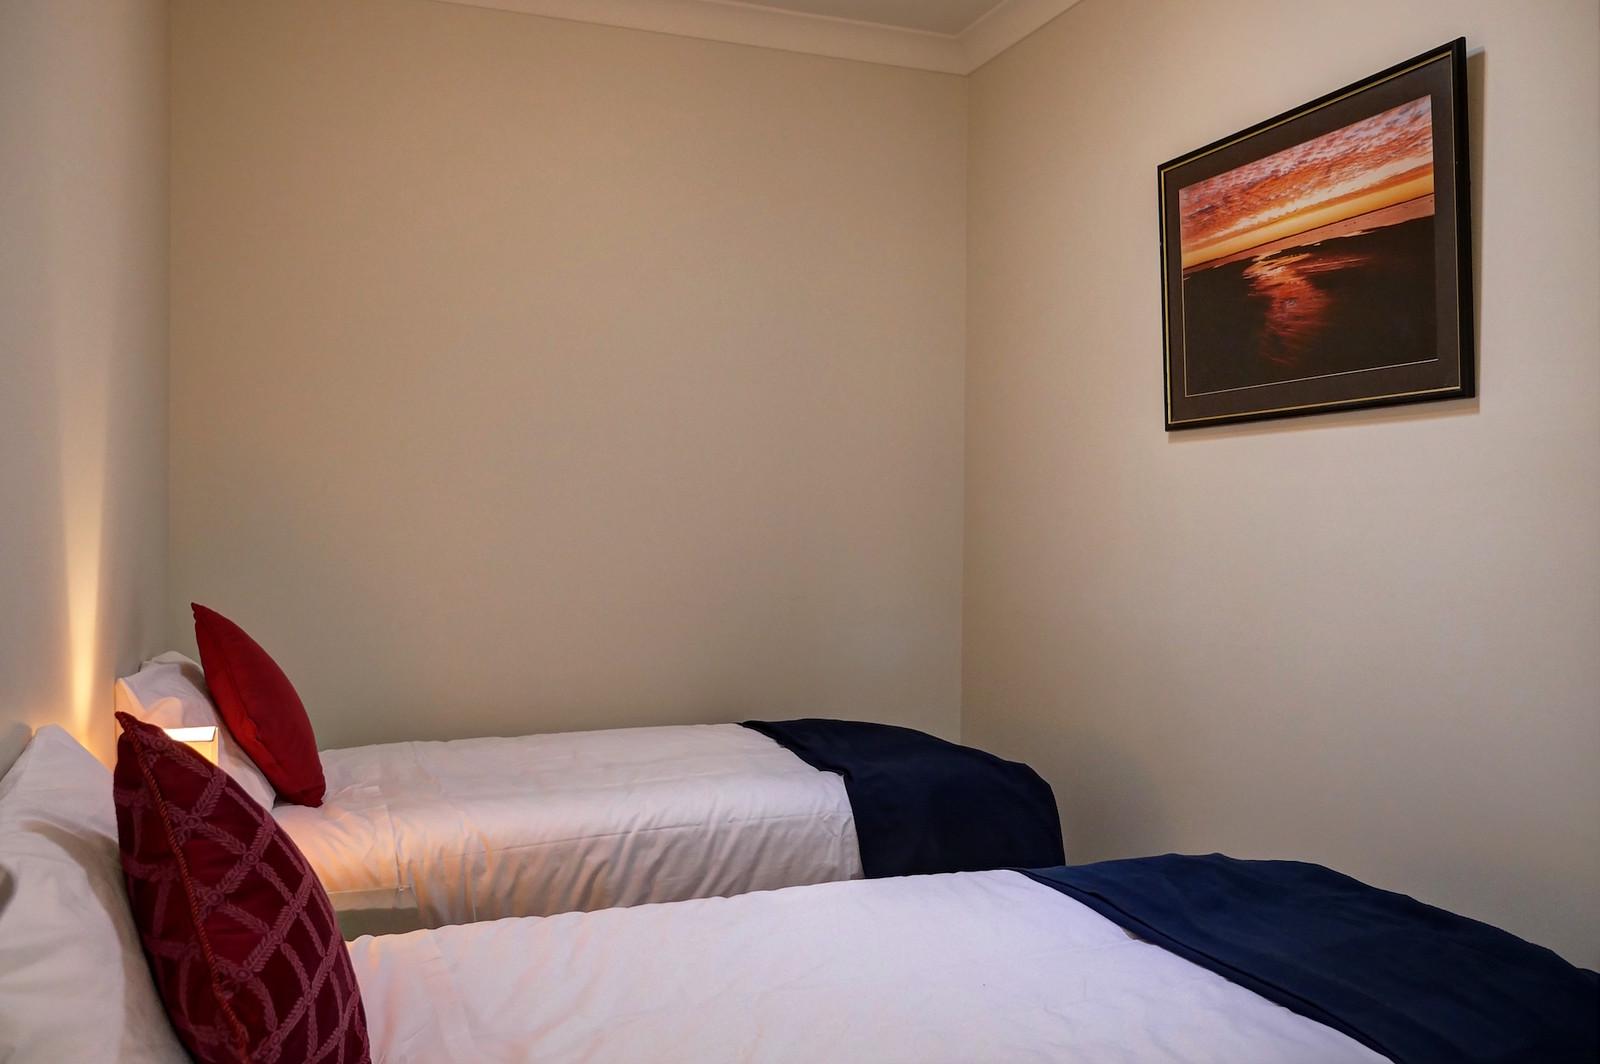 3 bedroom-twin beds wine